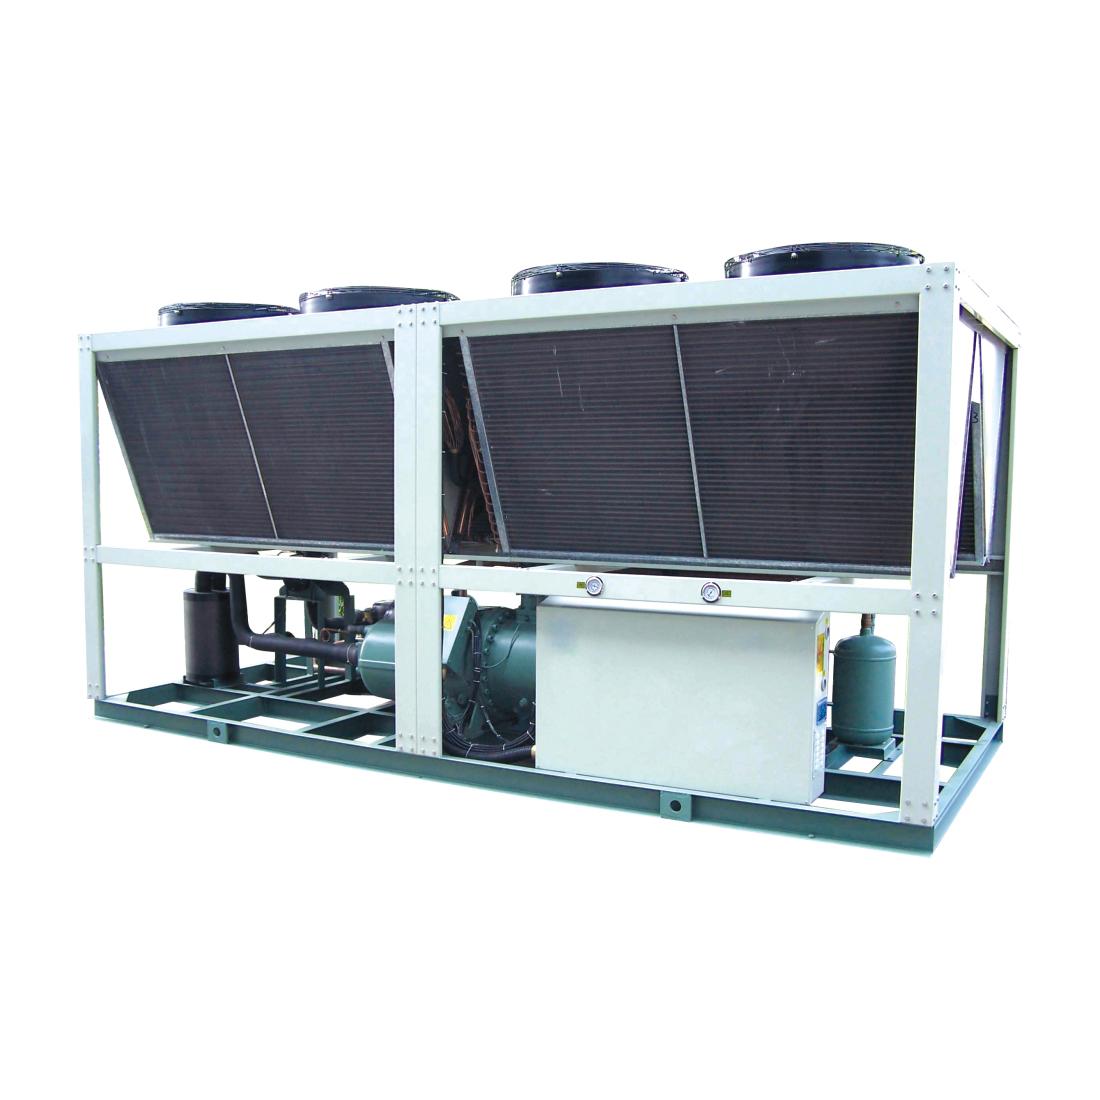 辅机-风冷螺杆式冷水机